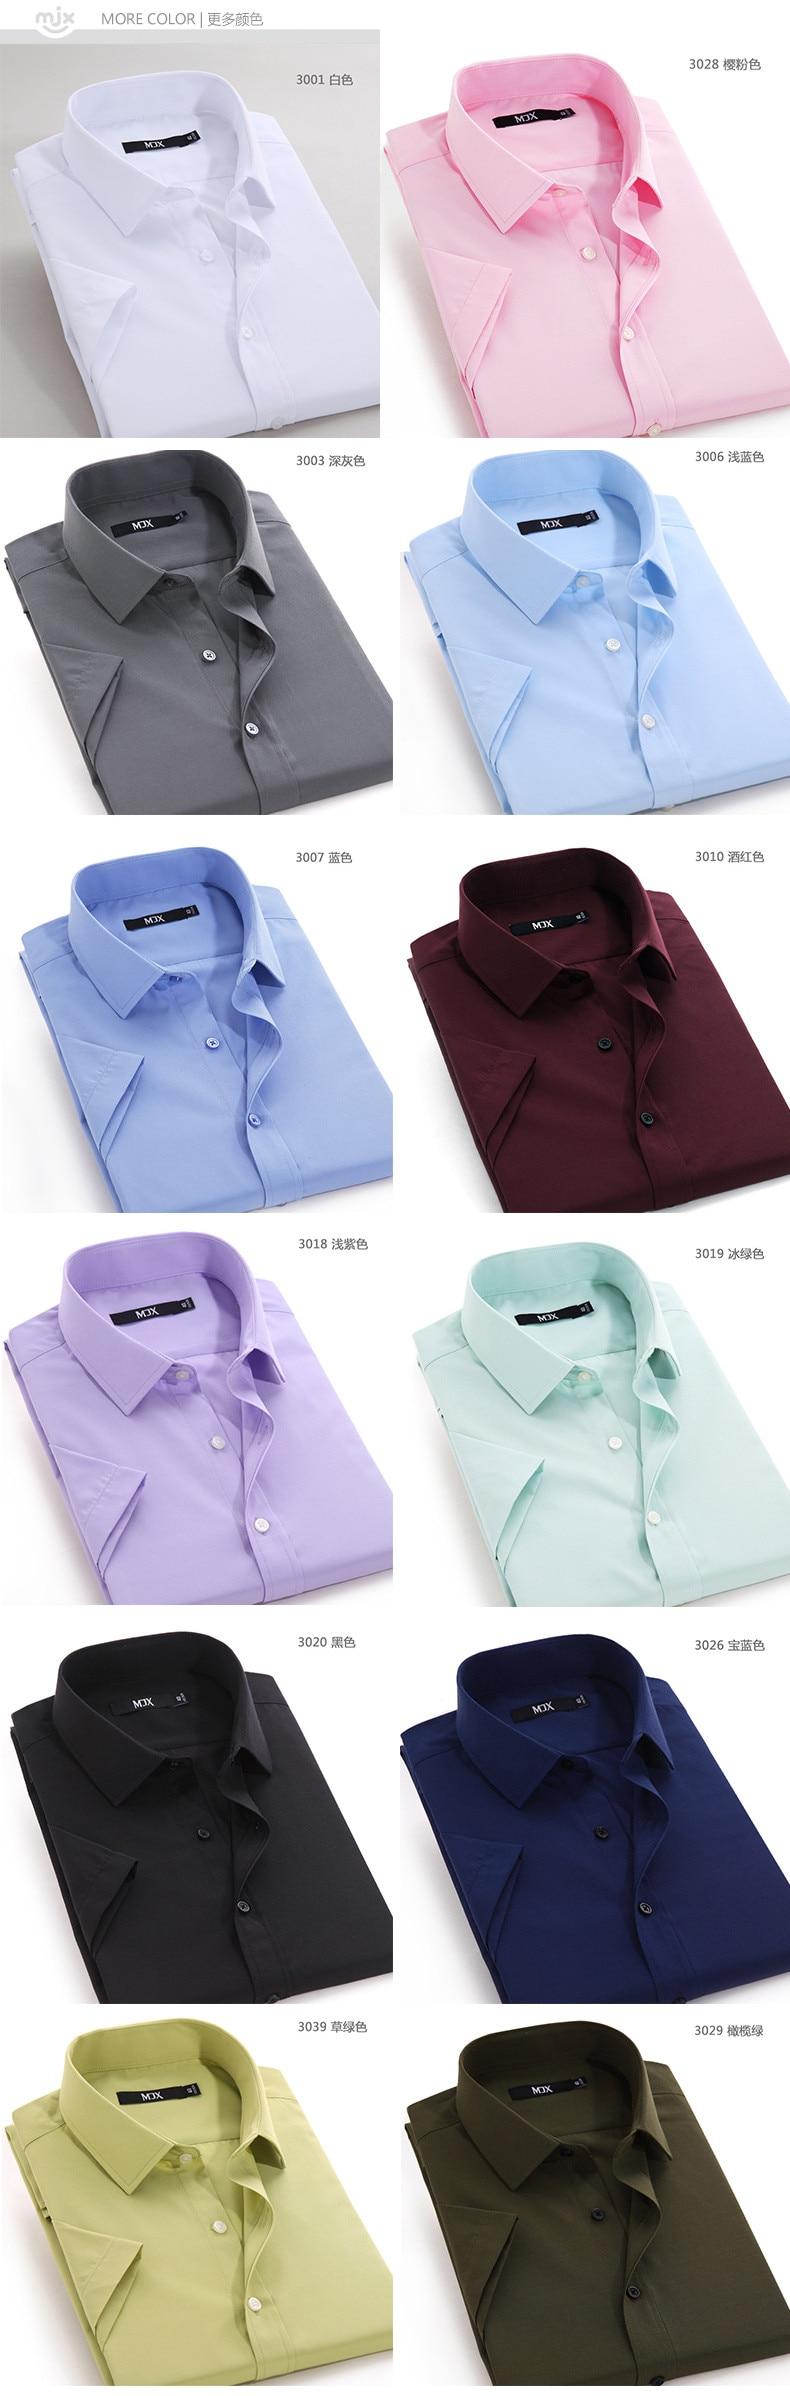 מותג גברים חולצה שרוול קצר Camisa Masculina בגדי גברים מזדמנים שמלת חולצות מוצק צבע המדים גברים 4xl אופנה חדשה 2016